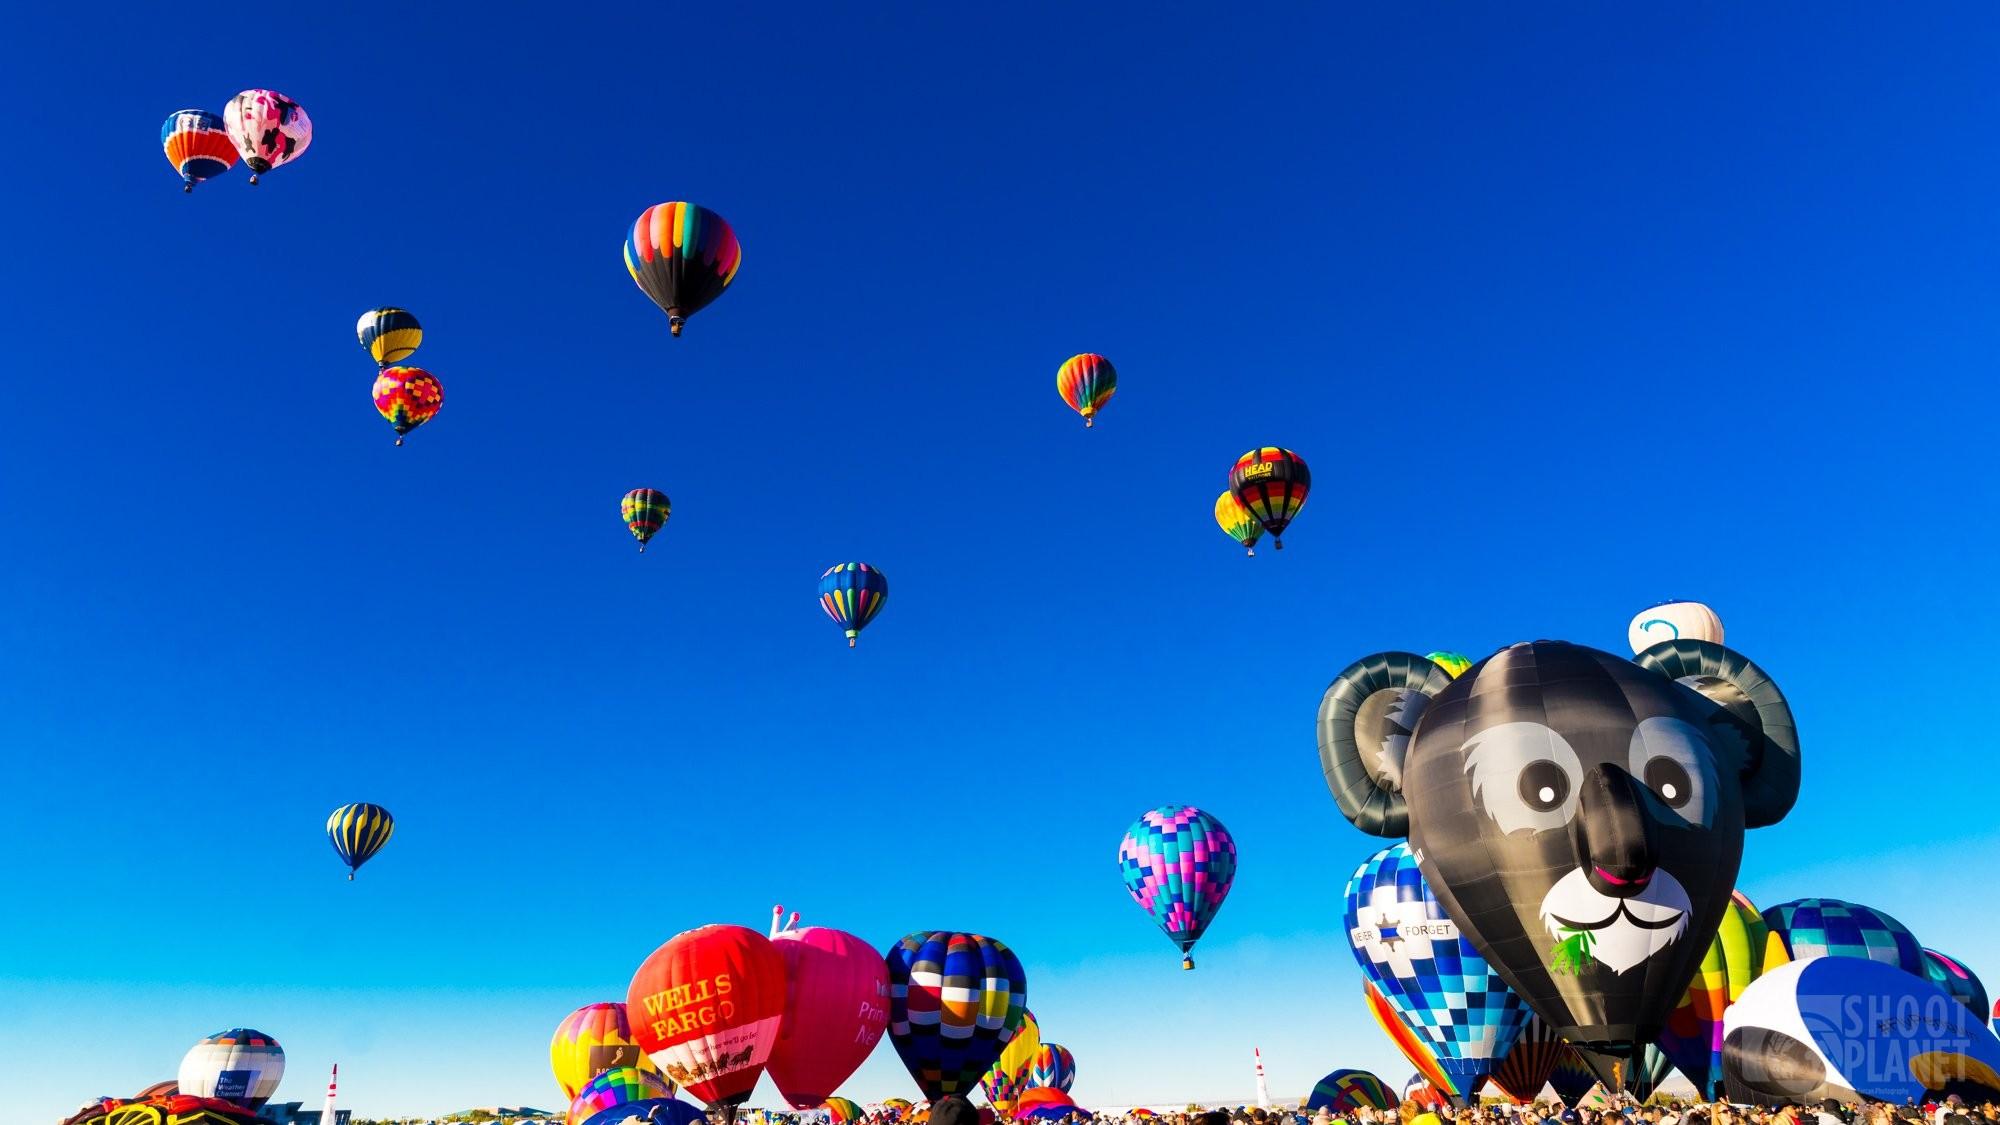 Balloon Fiesta Festival mass ascension, Albuquerque, USA